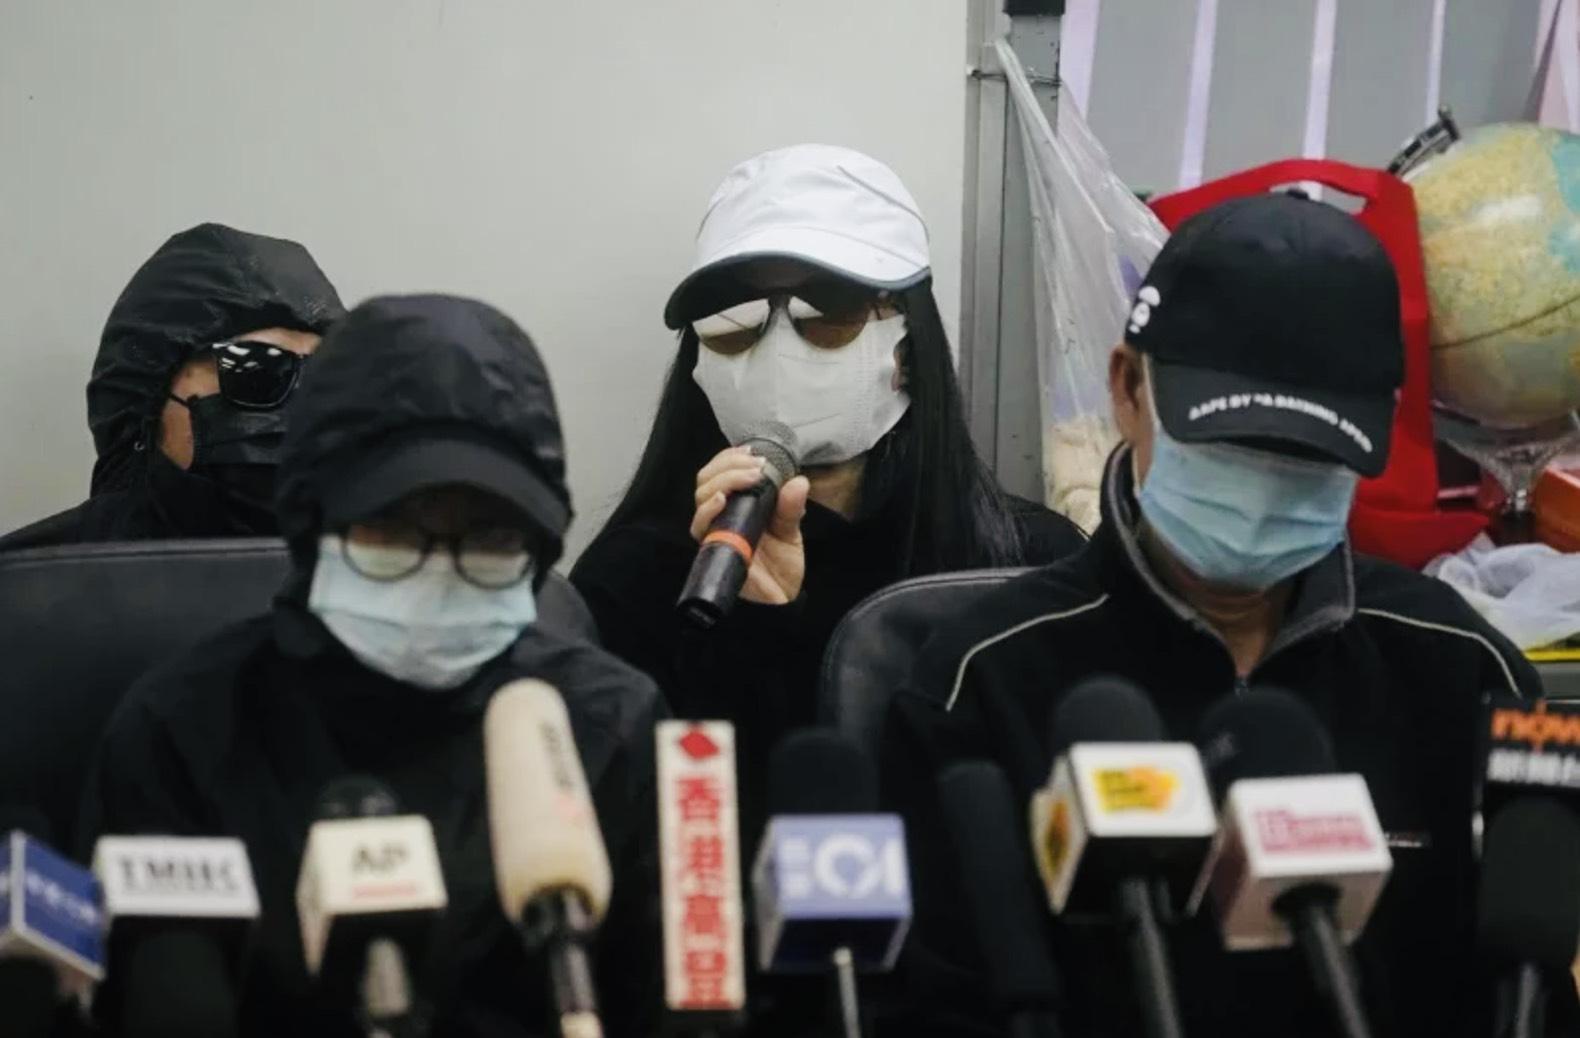 12位港人被中国政府扣押三个半月,他们的家属不久前举行记者会,要求中国当局告知案件的审理日期,并准许家属旁听